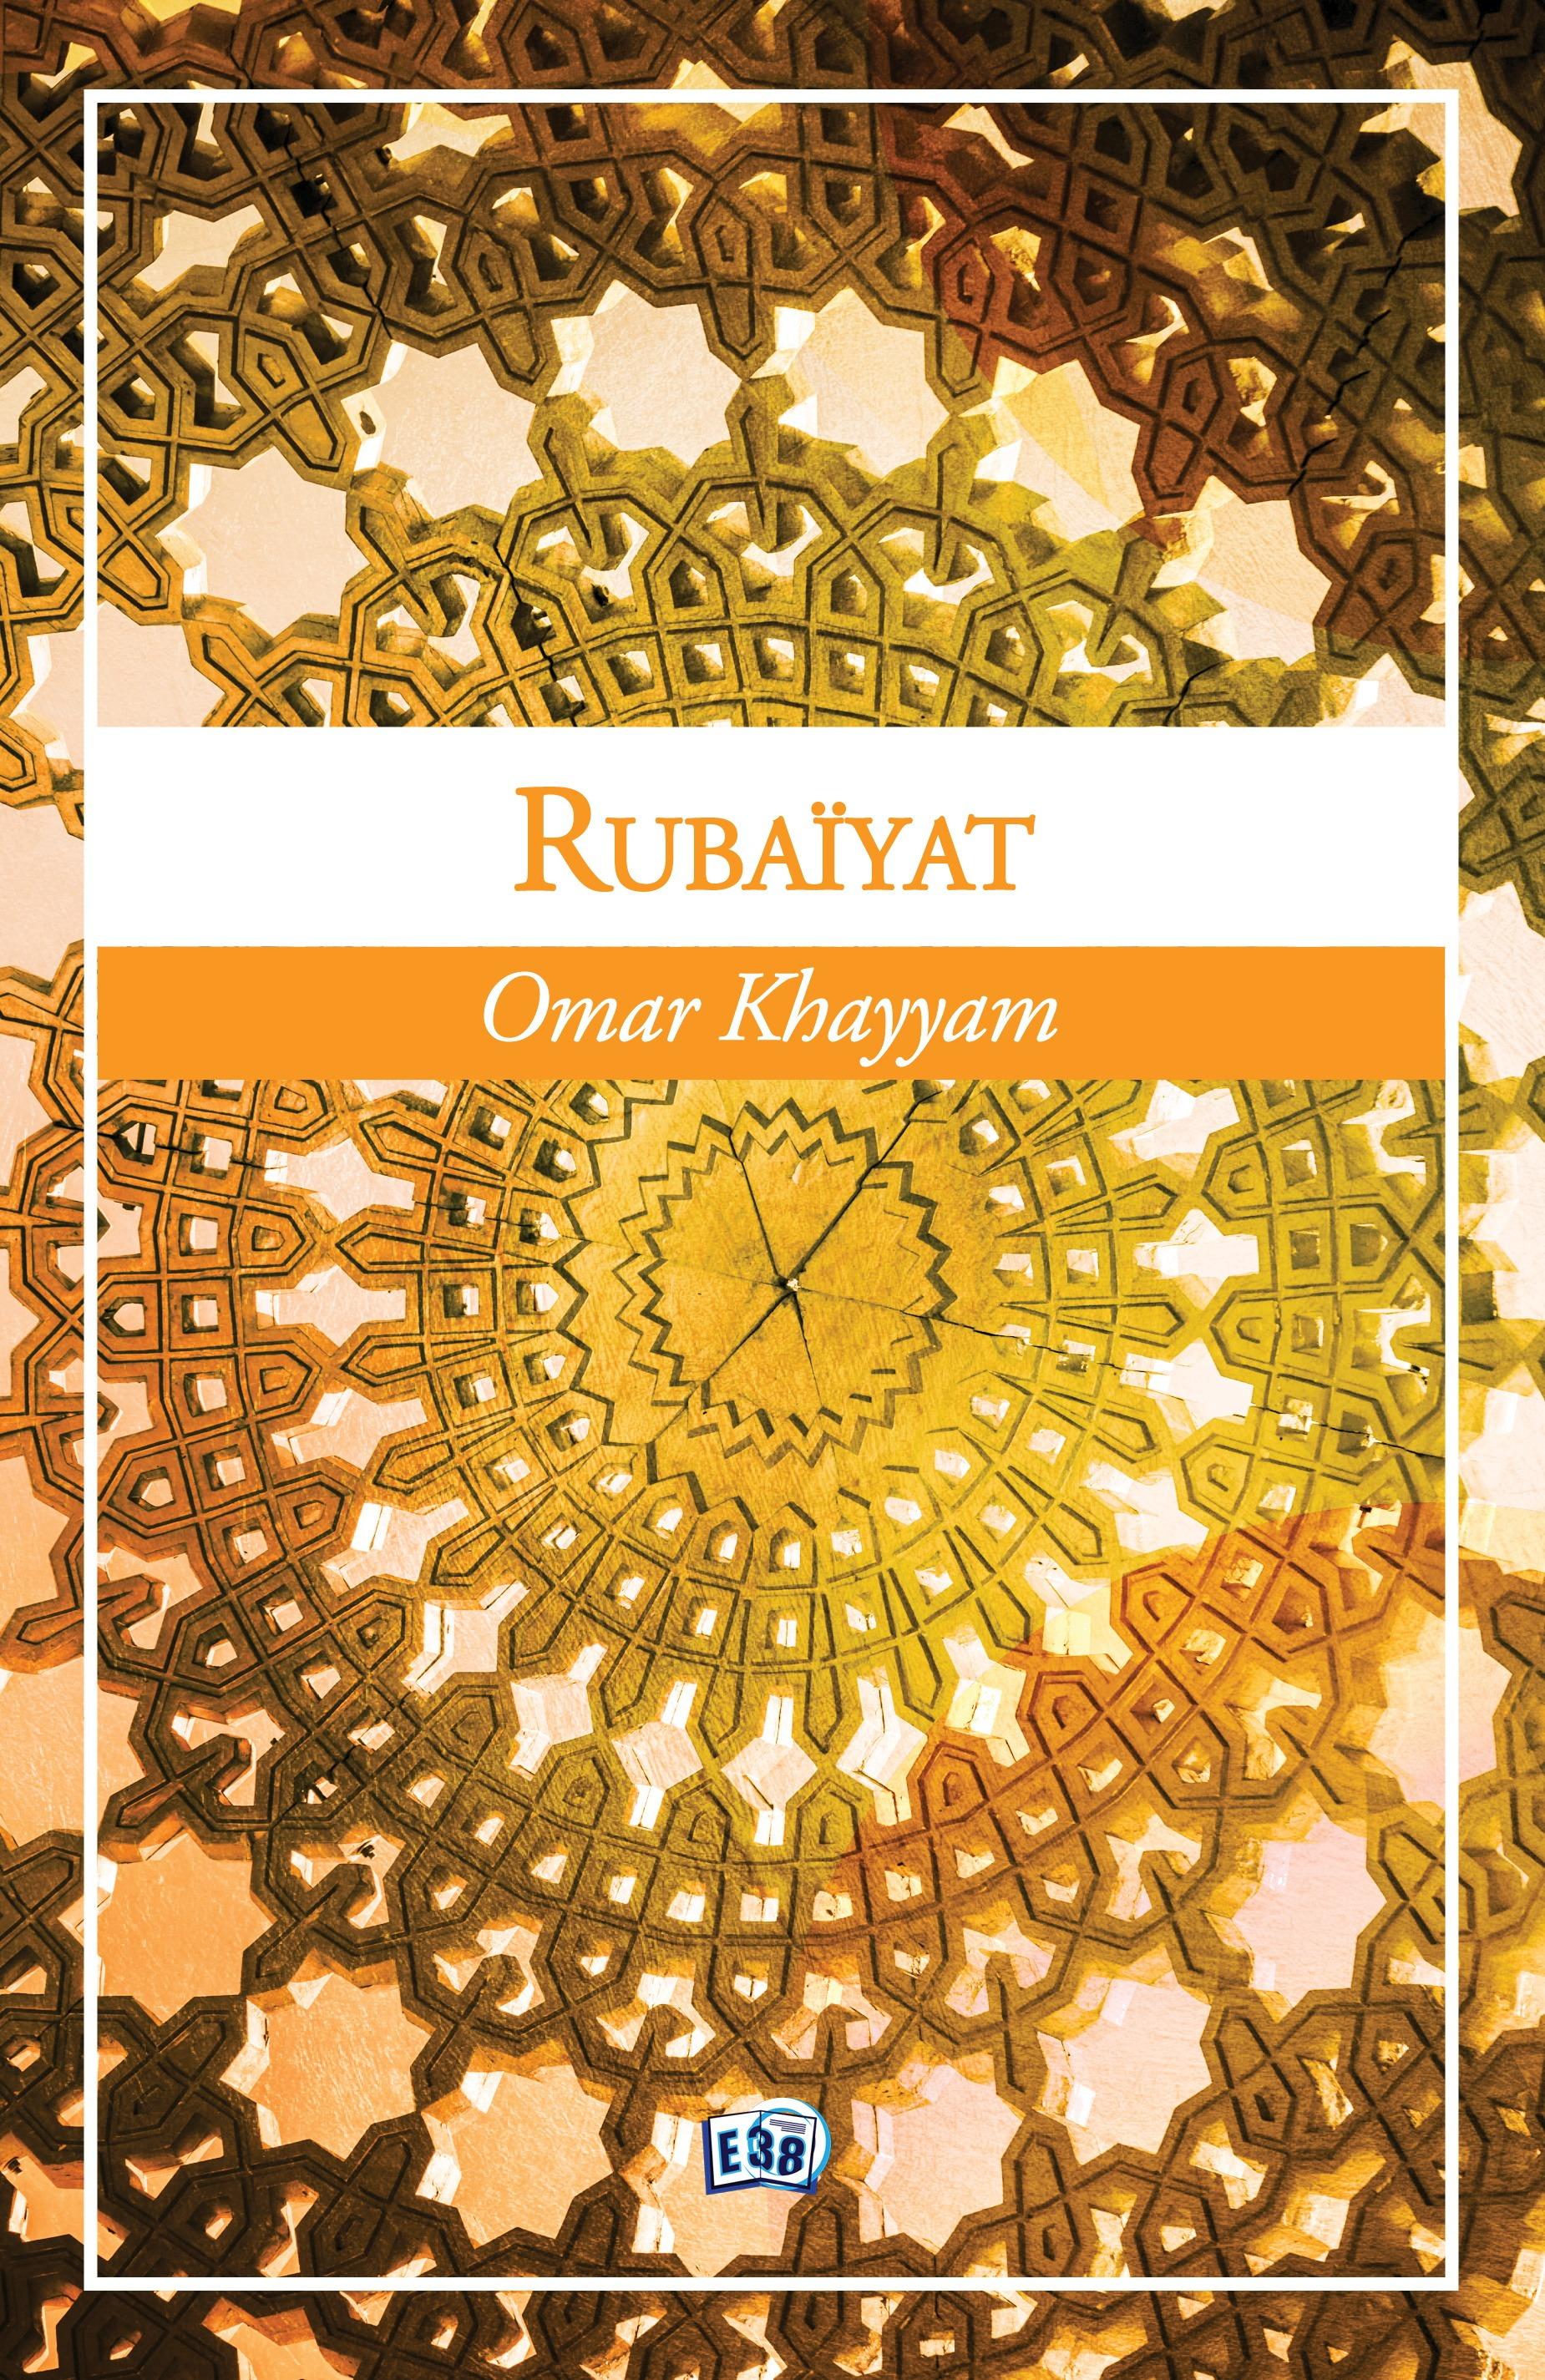 Rubaiyat, LES QUATRAINS D'OMAR KHAYYAM